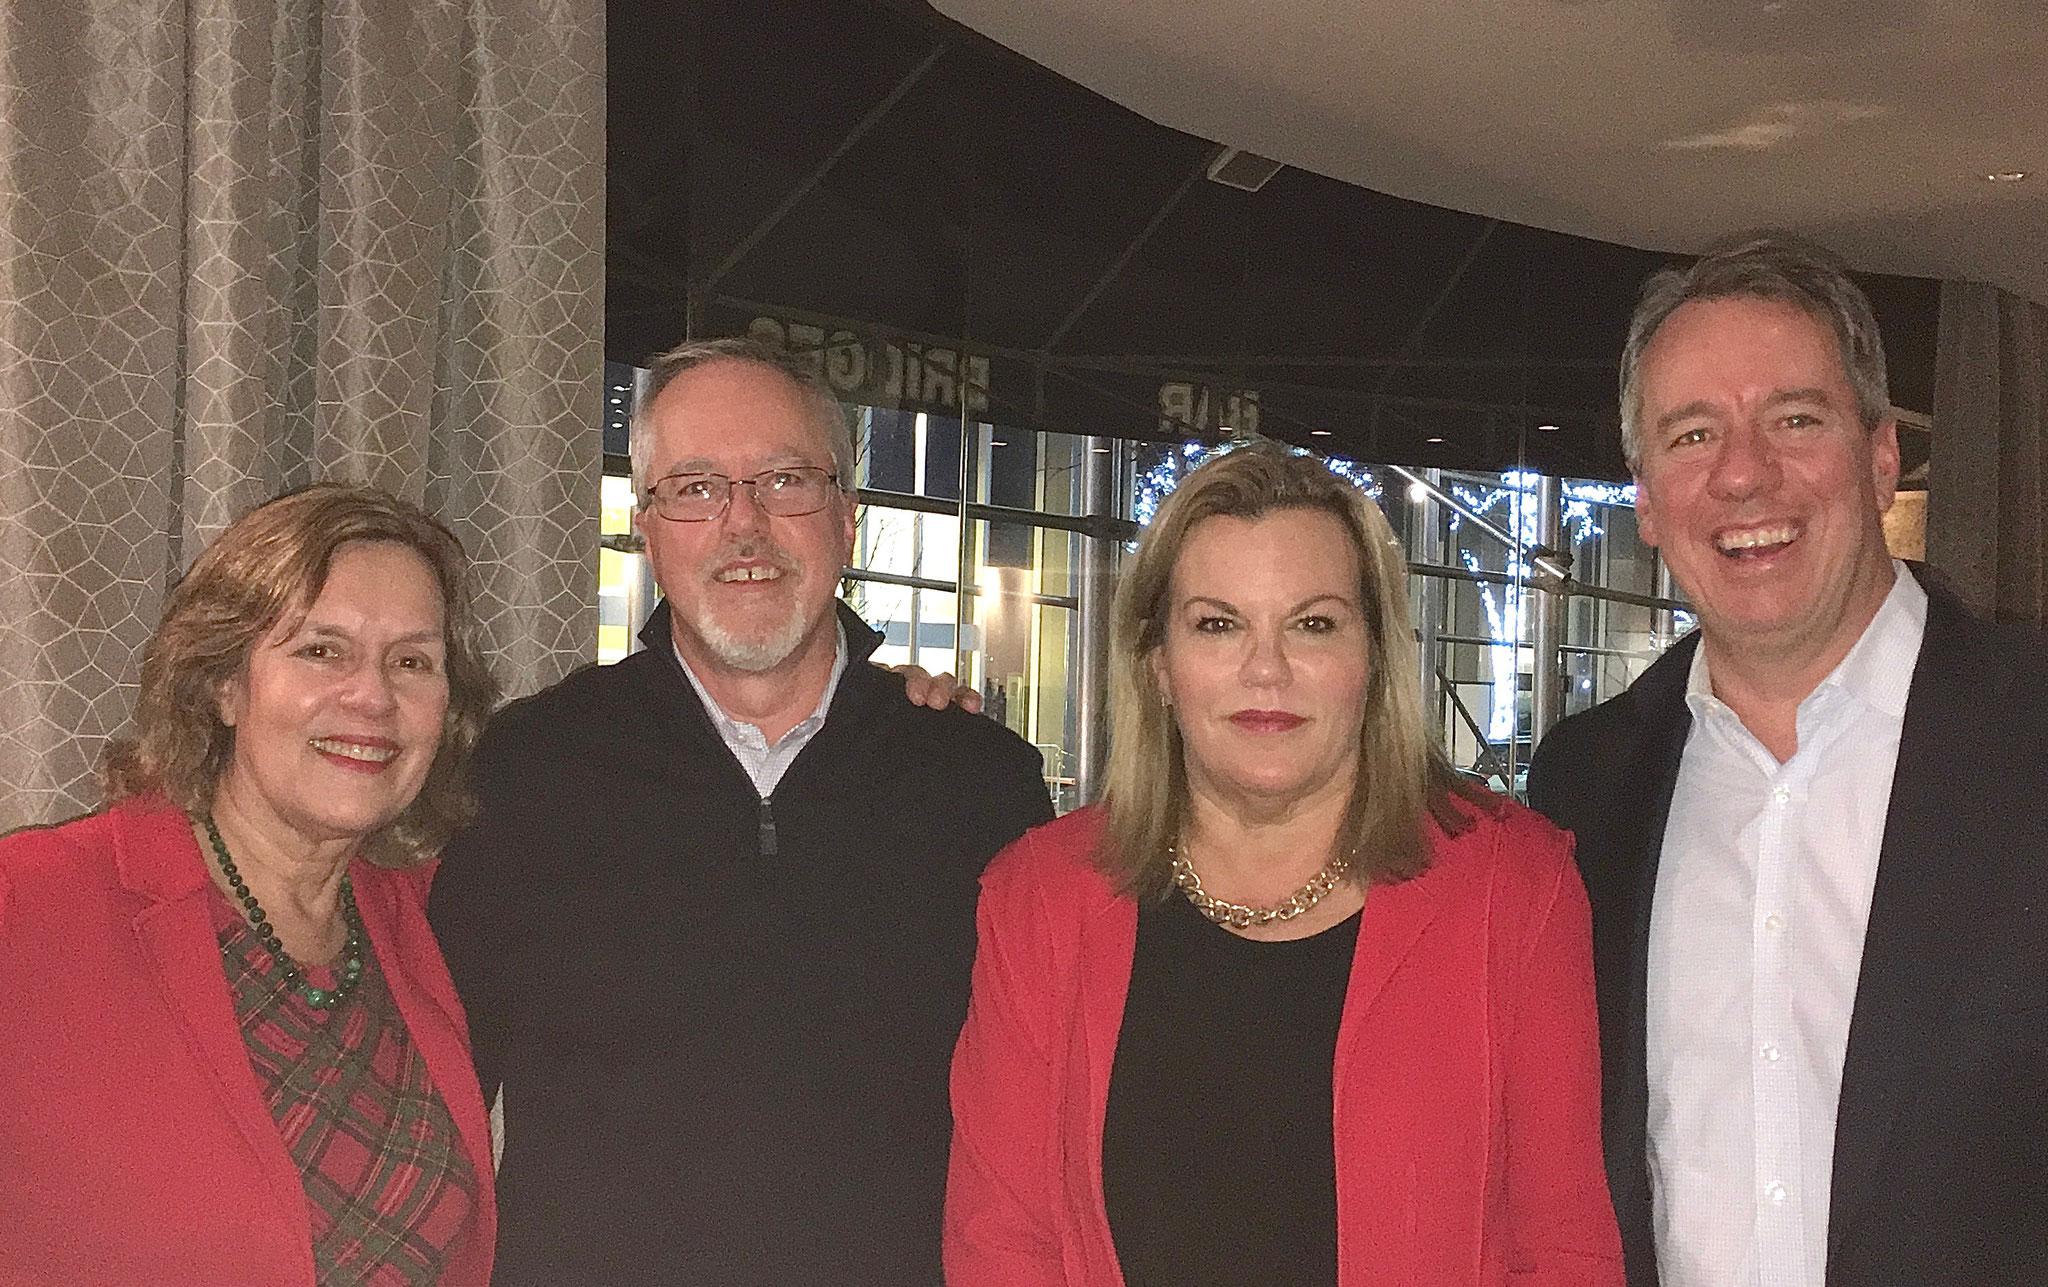 Lorraine, Jim, Celeste, & Jon Boylan 12-2019, NYC